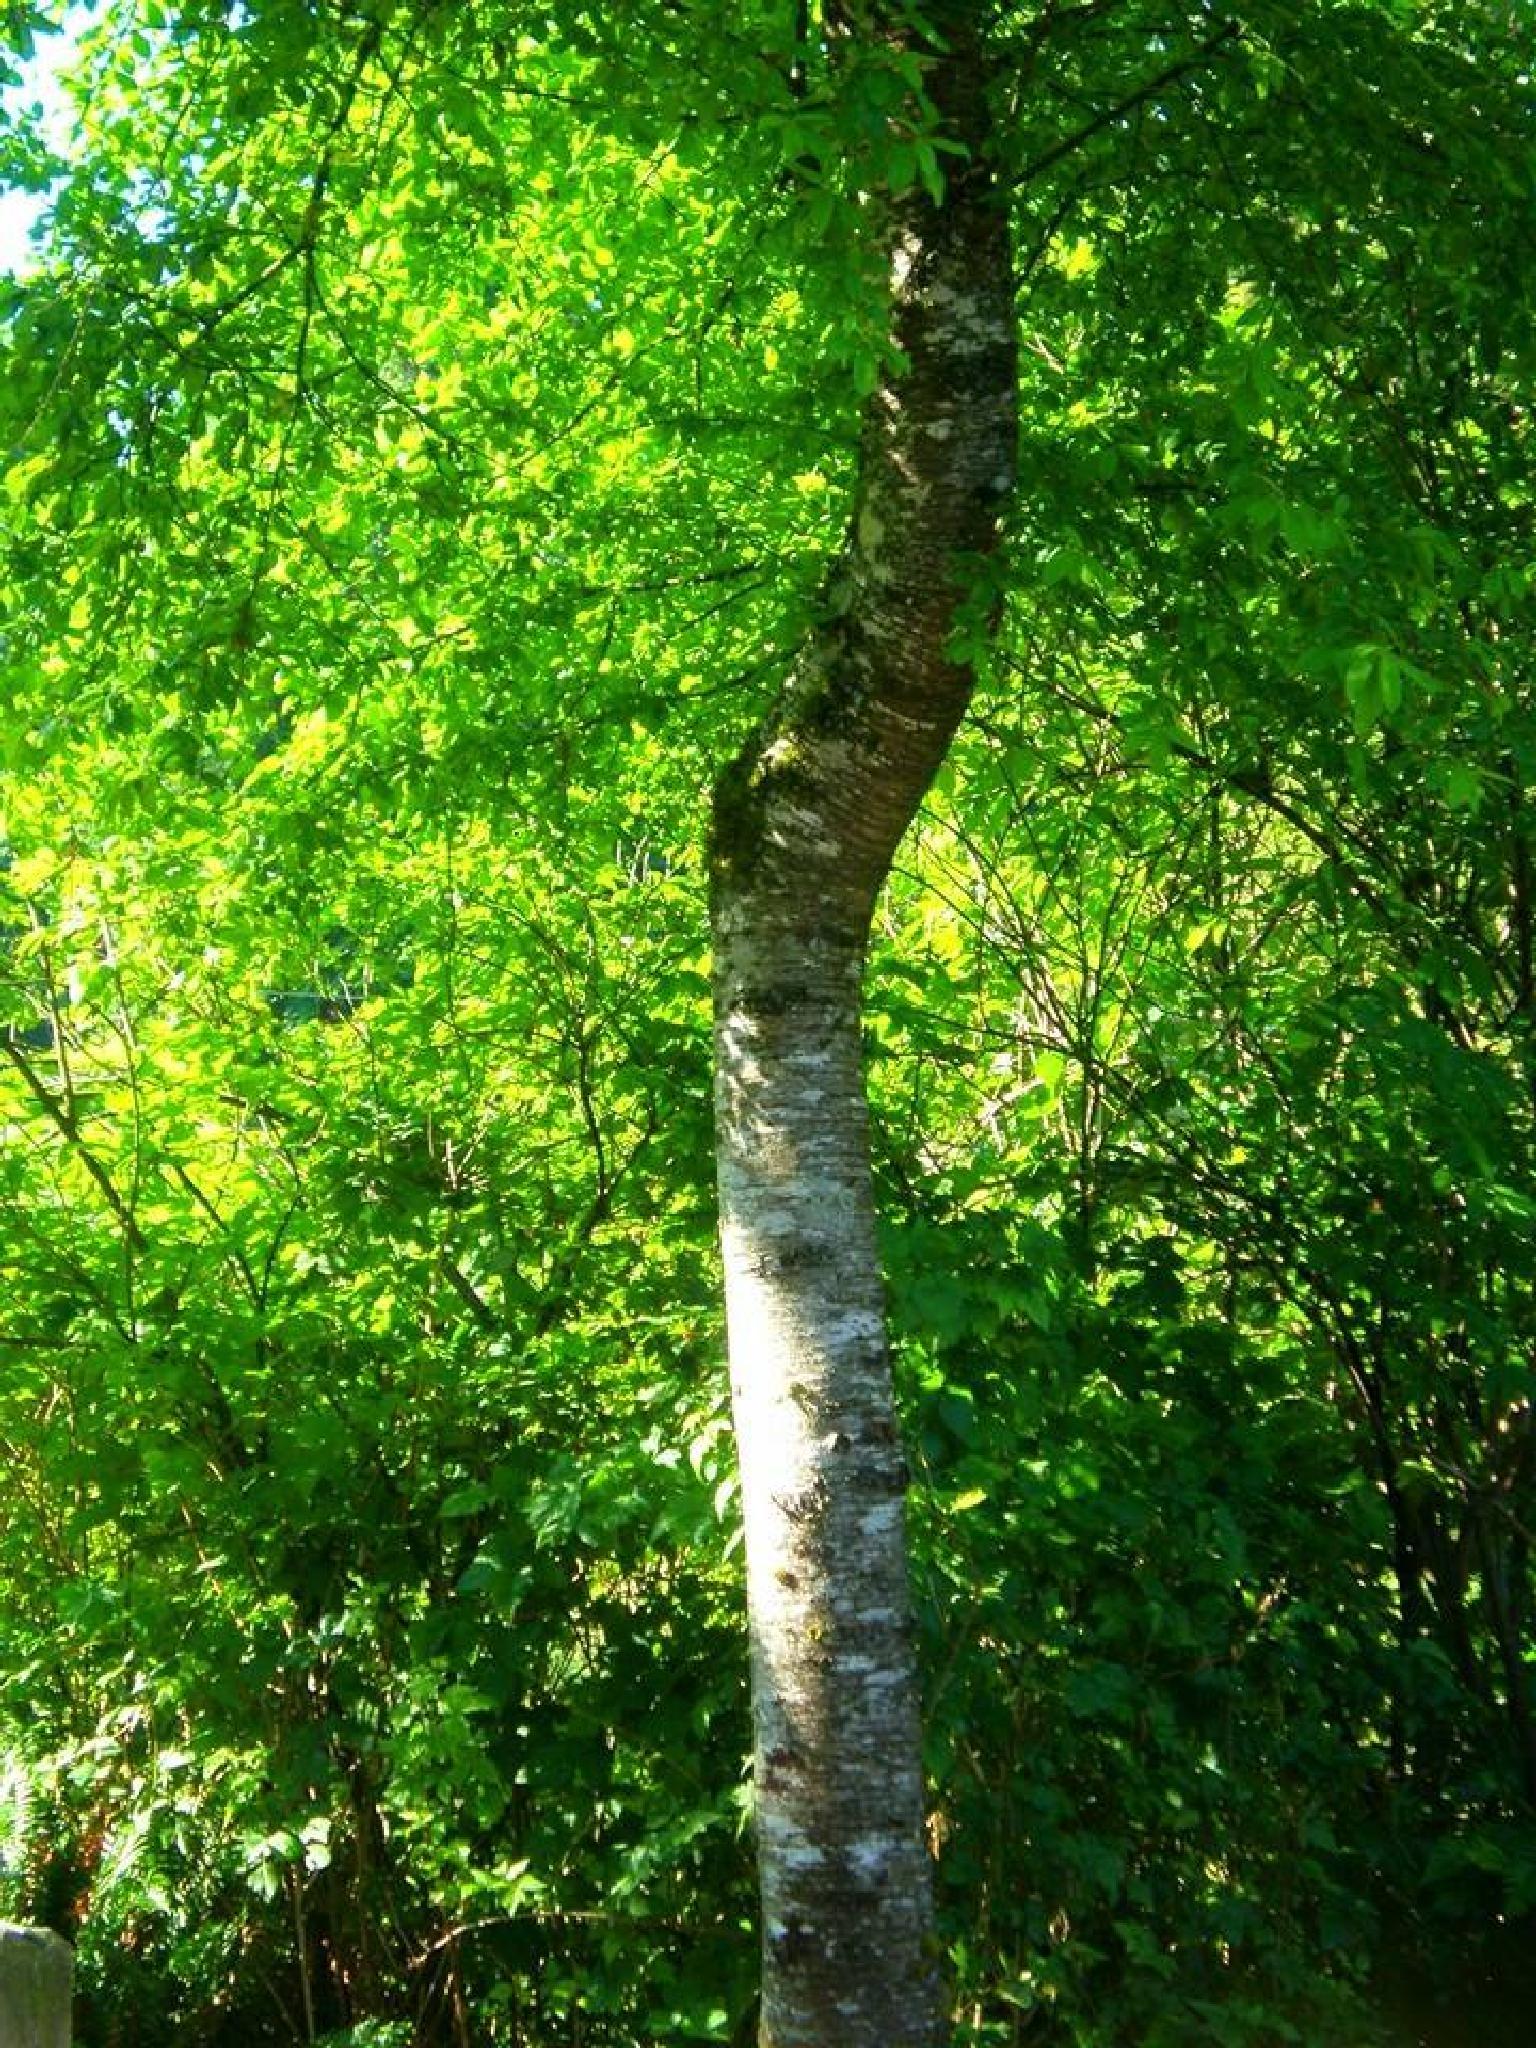 Beauty in Green by Kuler1